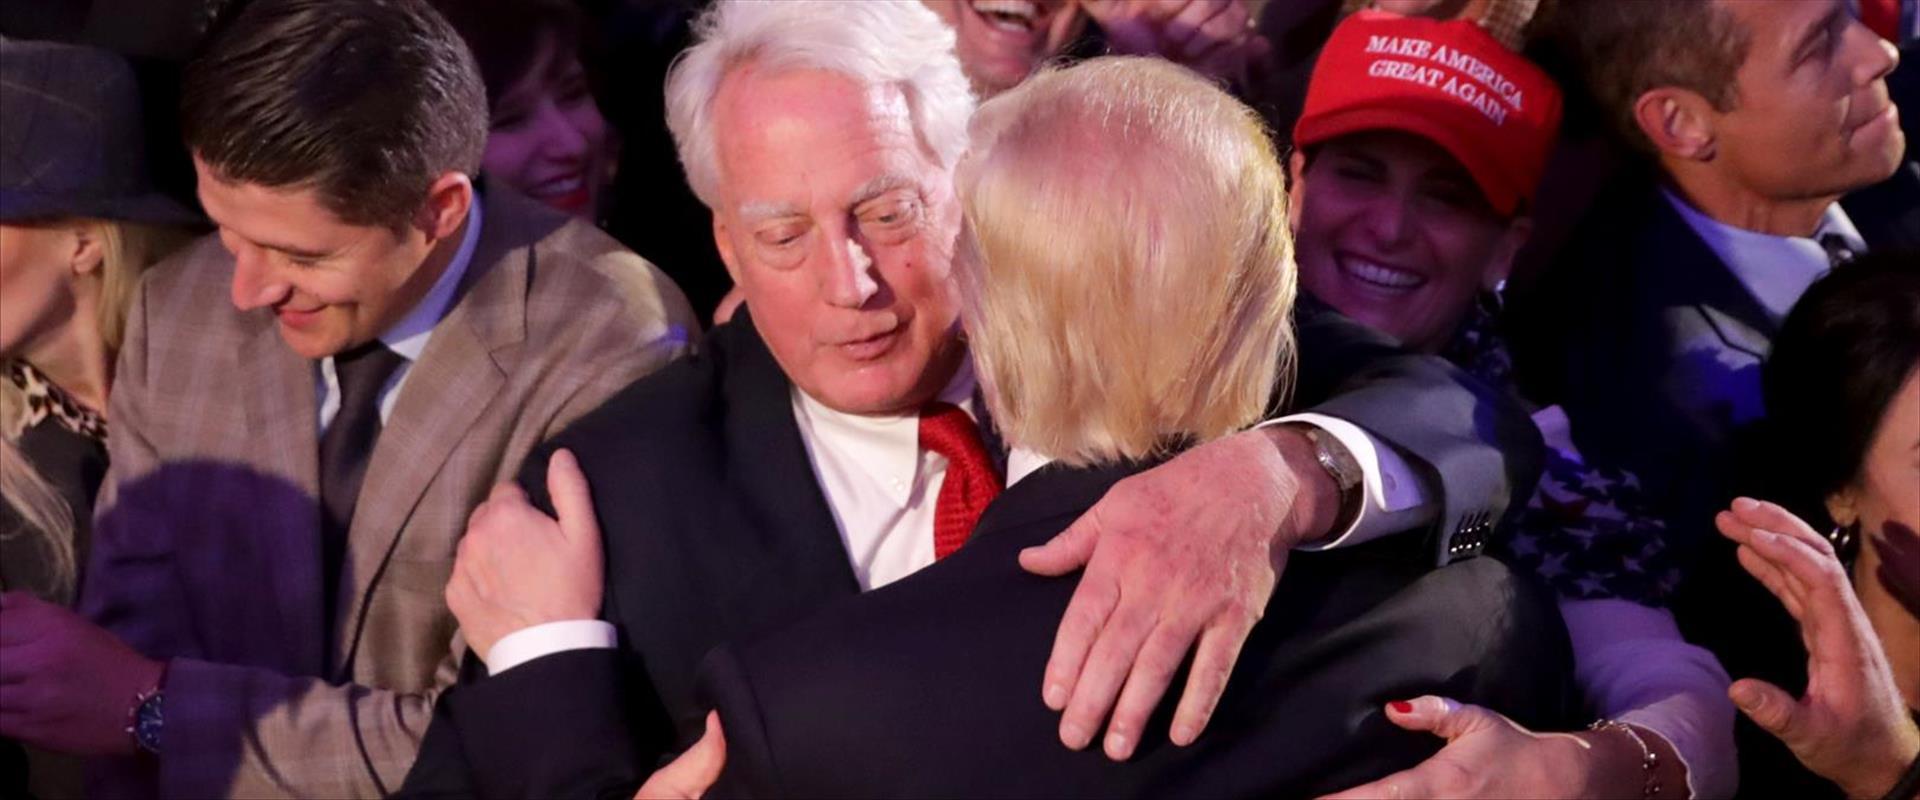 """טראמפ ואחיו בליל הבחירות לנשיאות ארה""""ב, נובמבר 201"""